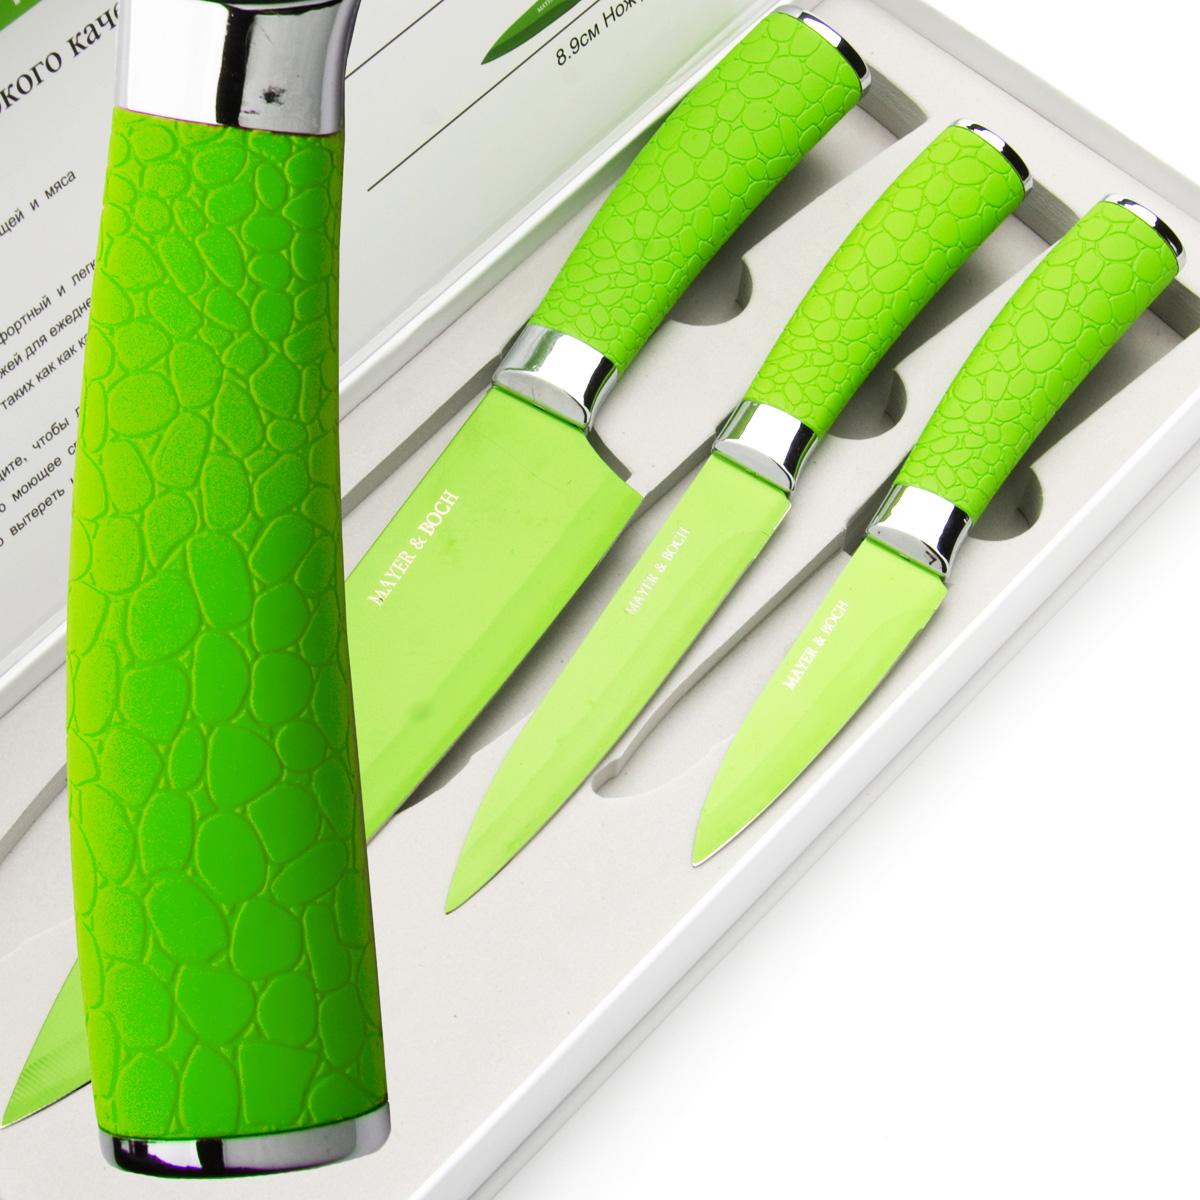 """Набор ножей """"Mayer & Boch"""" состоит из 3 ножей: нож поварской, нож универсальный и нож для очистки. Ножи выполнены из нержавеющей стали, ручки из полипропилена.  Оригинальный набор ножей великолепно украсит интерьер кухни и станет замечательным помощником.  Можно мыть в посудомоечной машине.     Длина лезвия поварского ножа: 20,3 см. Общая длина поварского ножа: 33 см. Длина лезвия универсального ножа: 12,7 см. Общая длина универсального ножа: 24 см. Длина лезвия ножа для очистки: 8,9 см. Общая длина ножа для очистки: 20 см."""